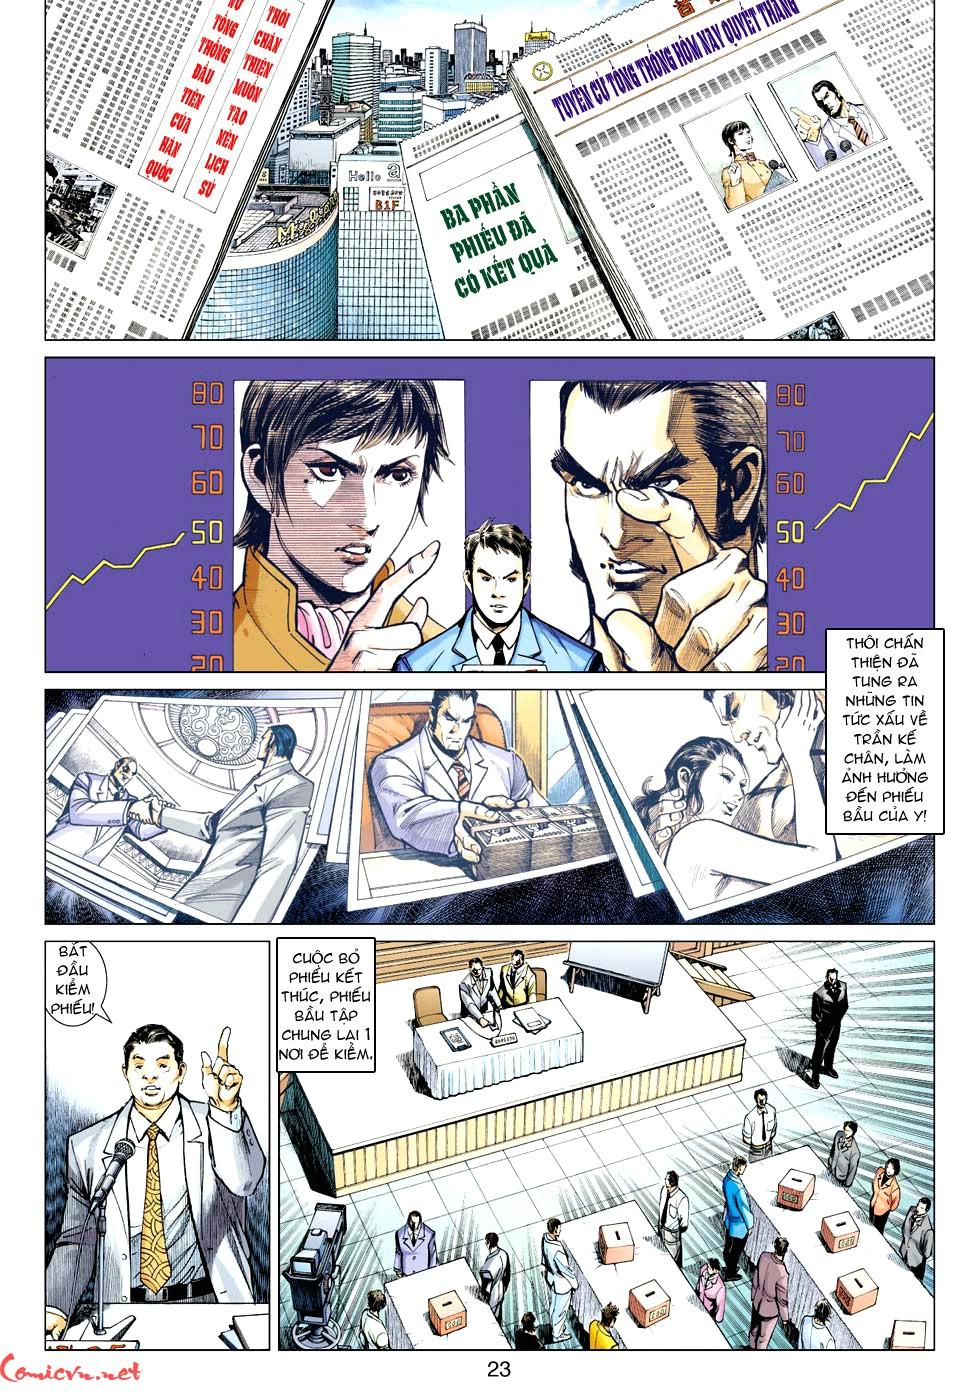 Vương Phong Lôi 1 chap 32 - Trang 22